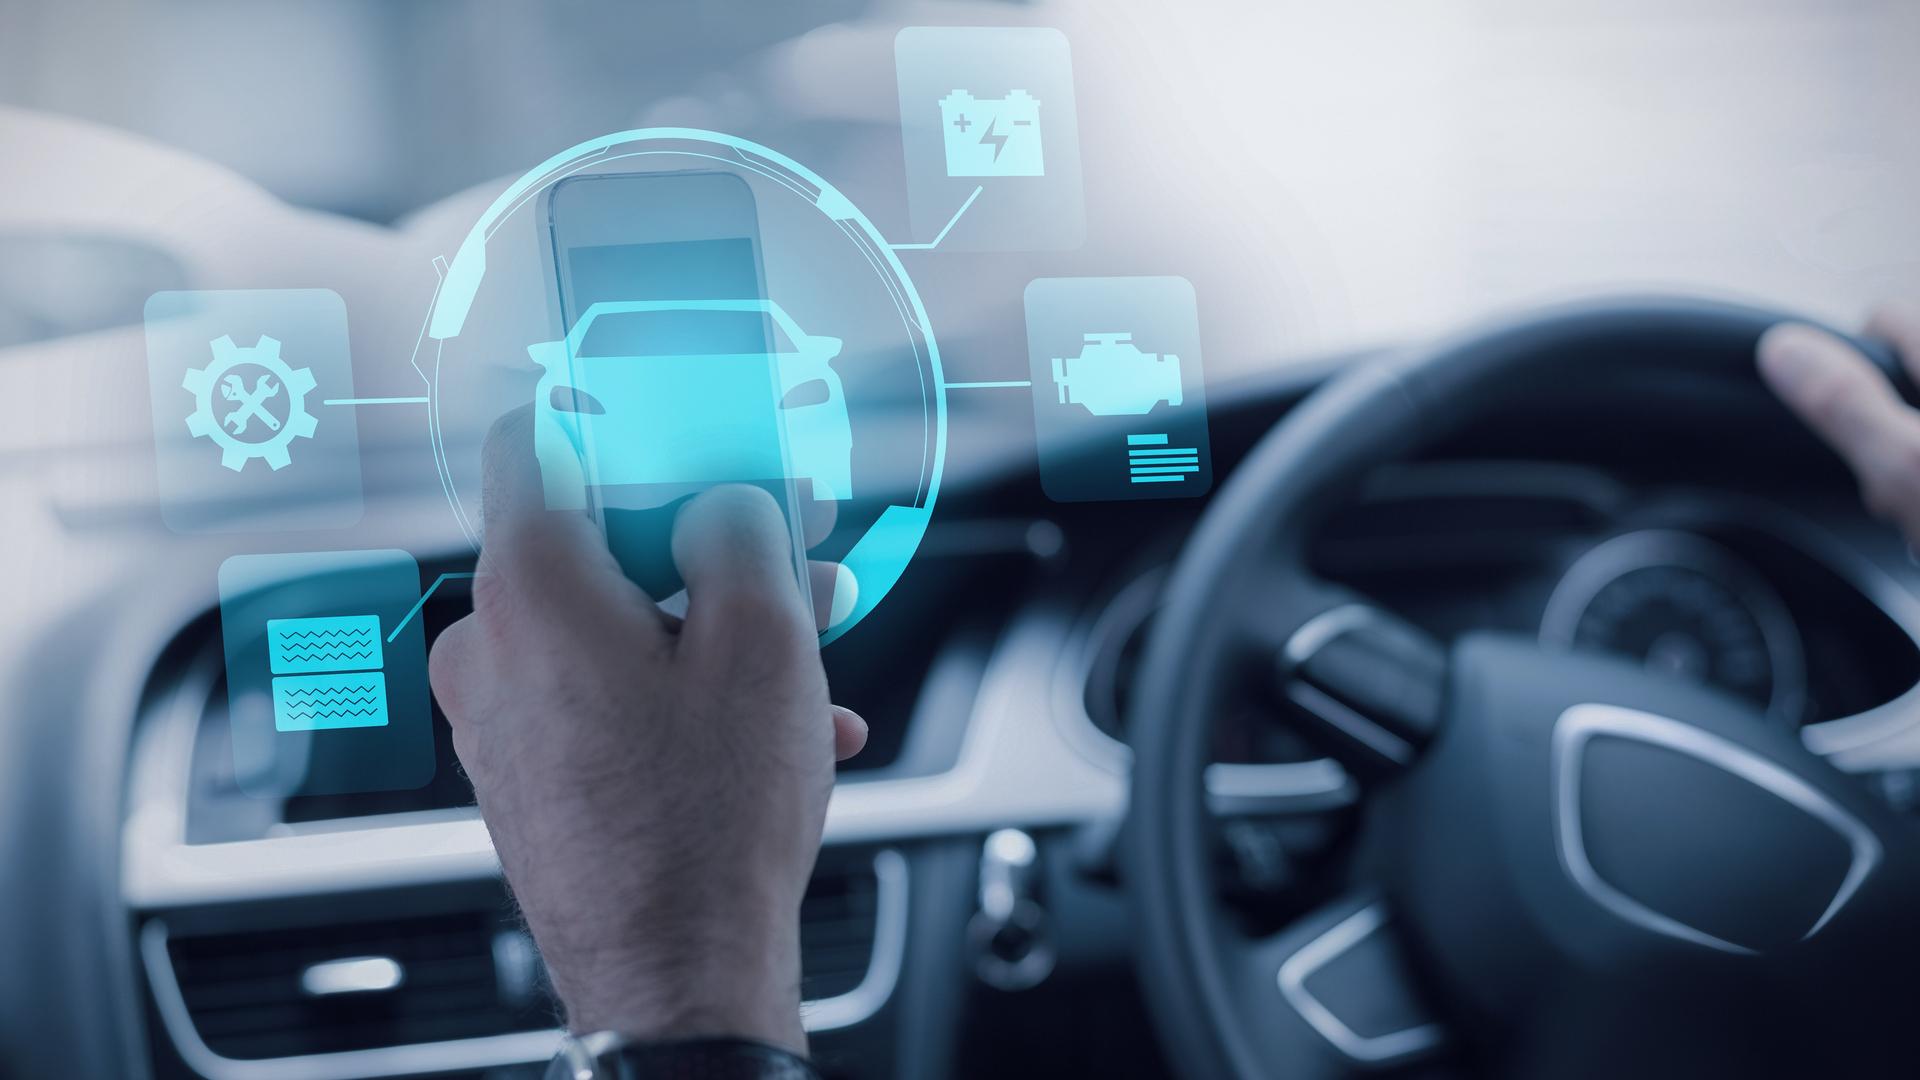 mao homem celular volante ao fundo carro futurista carro da tesla automóveis